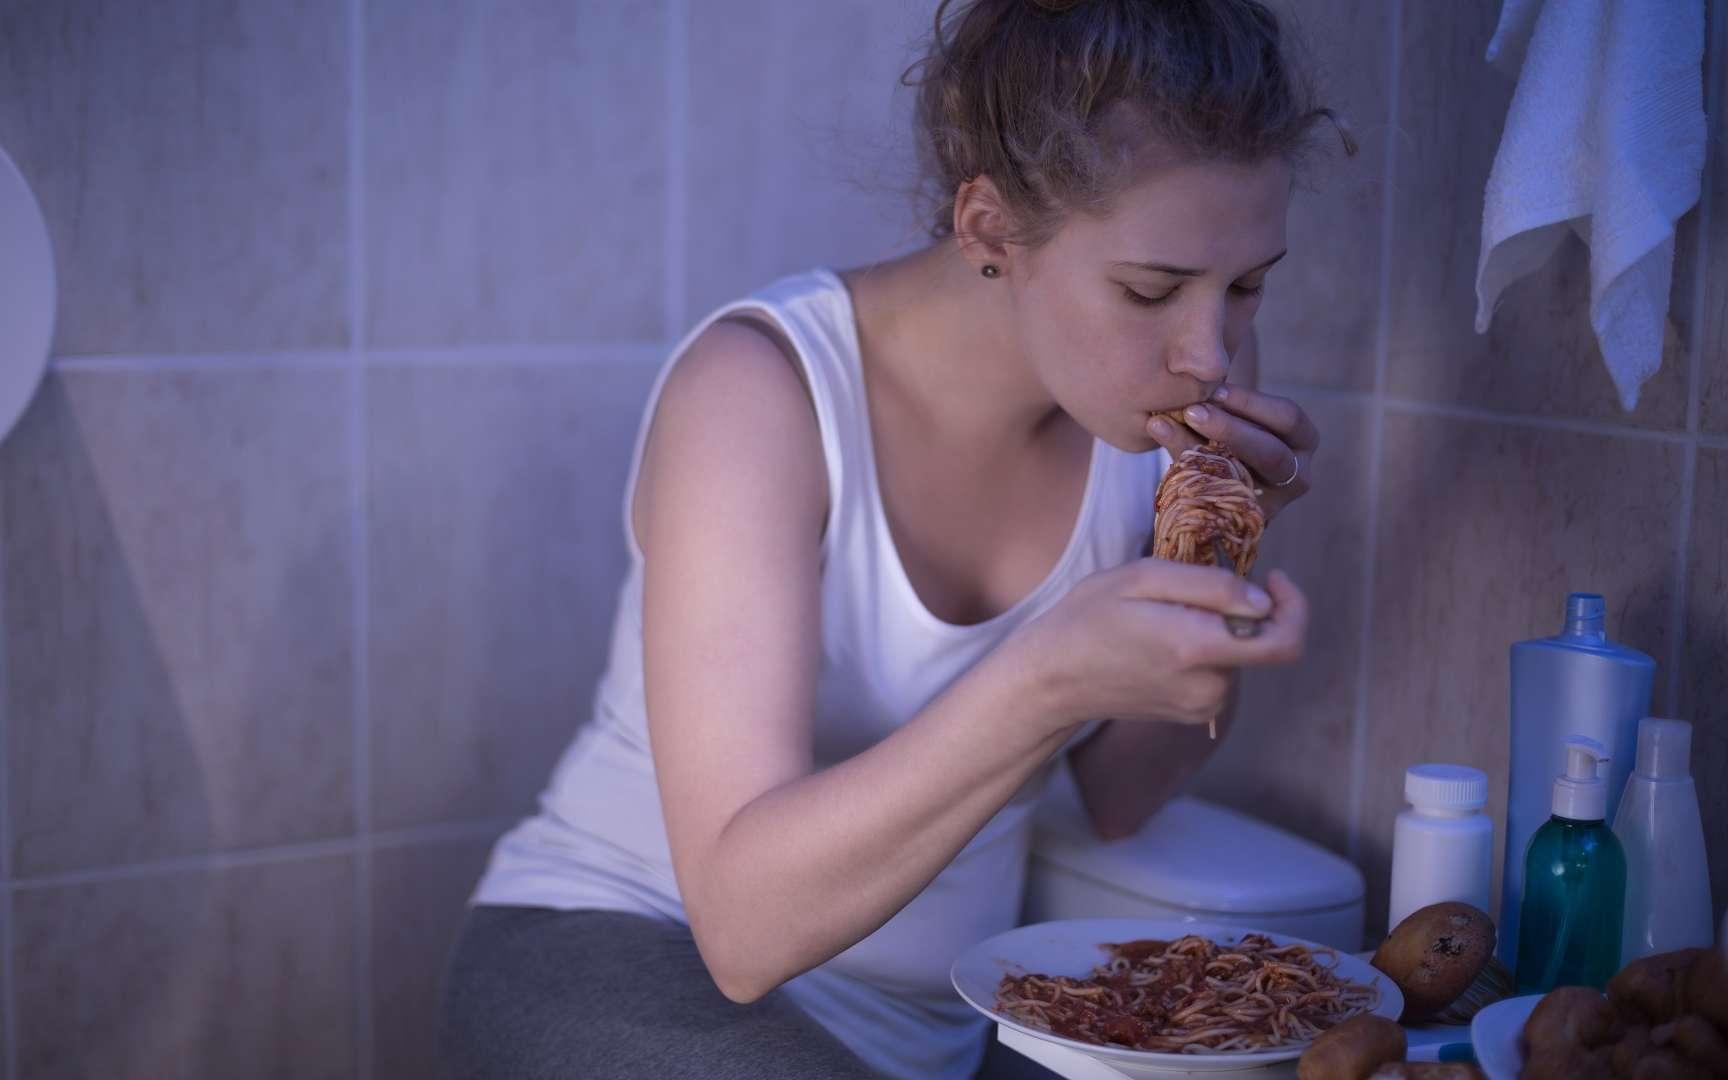 Pendant ses crises de boulimie, l'individu ne peut s'empêcher de manger et cherche à se remplir, plus que d'avoir du plaisir à manger. © Photographee.eu, Shutterstock